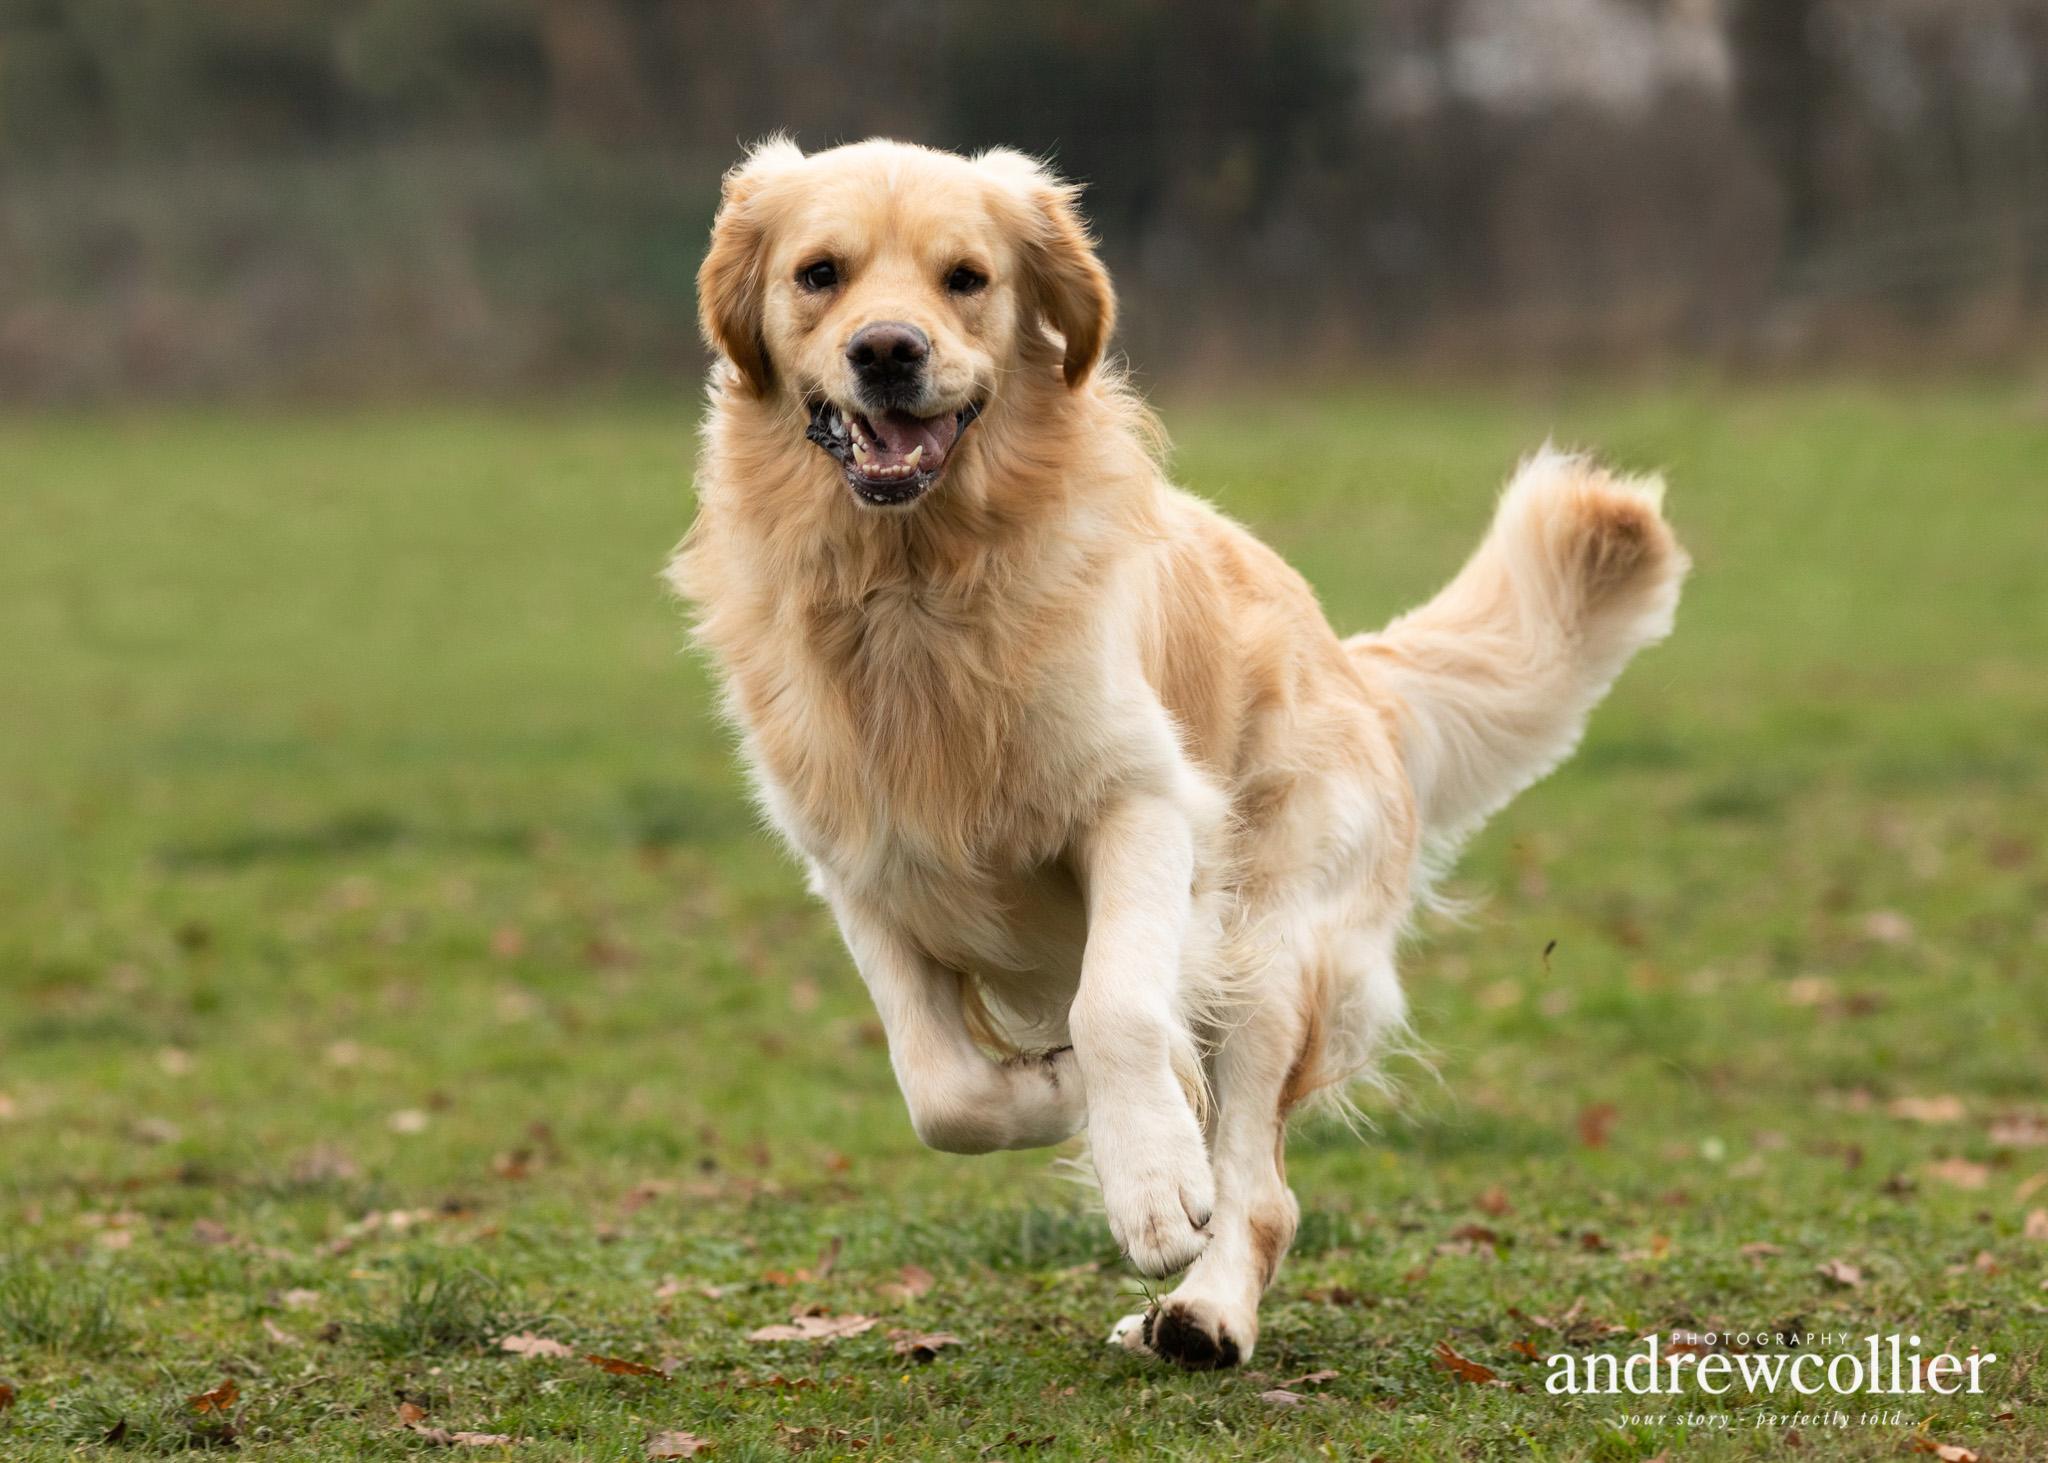 An action pet portrait of a golden retriever running towards the camera